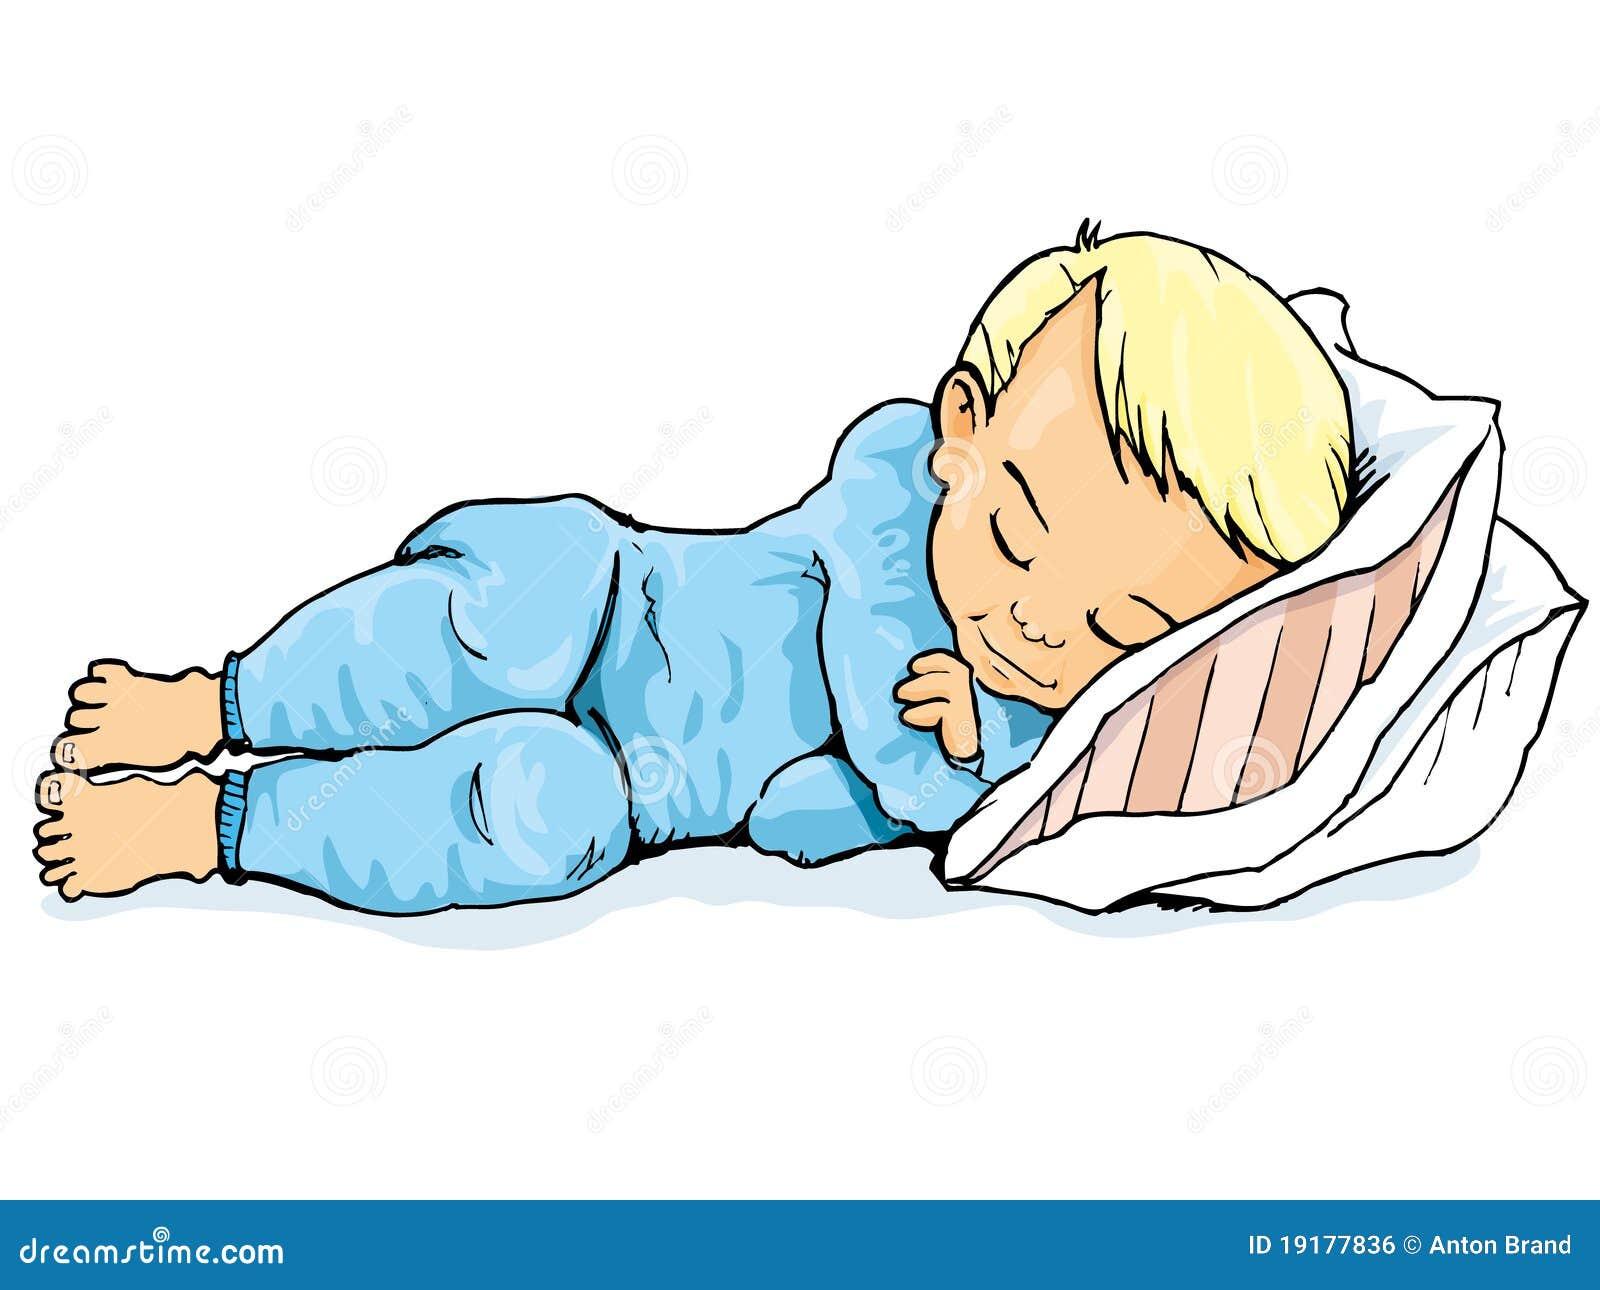 sur un oreiller Dessin Animé De Petit Garçon Dormant Sur Un Oreiller Illustration  sur un oreiller